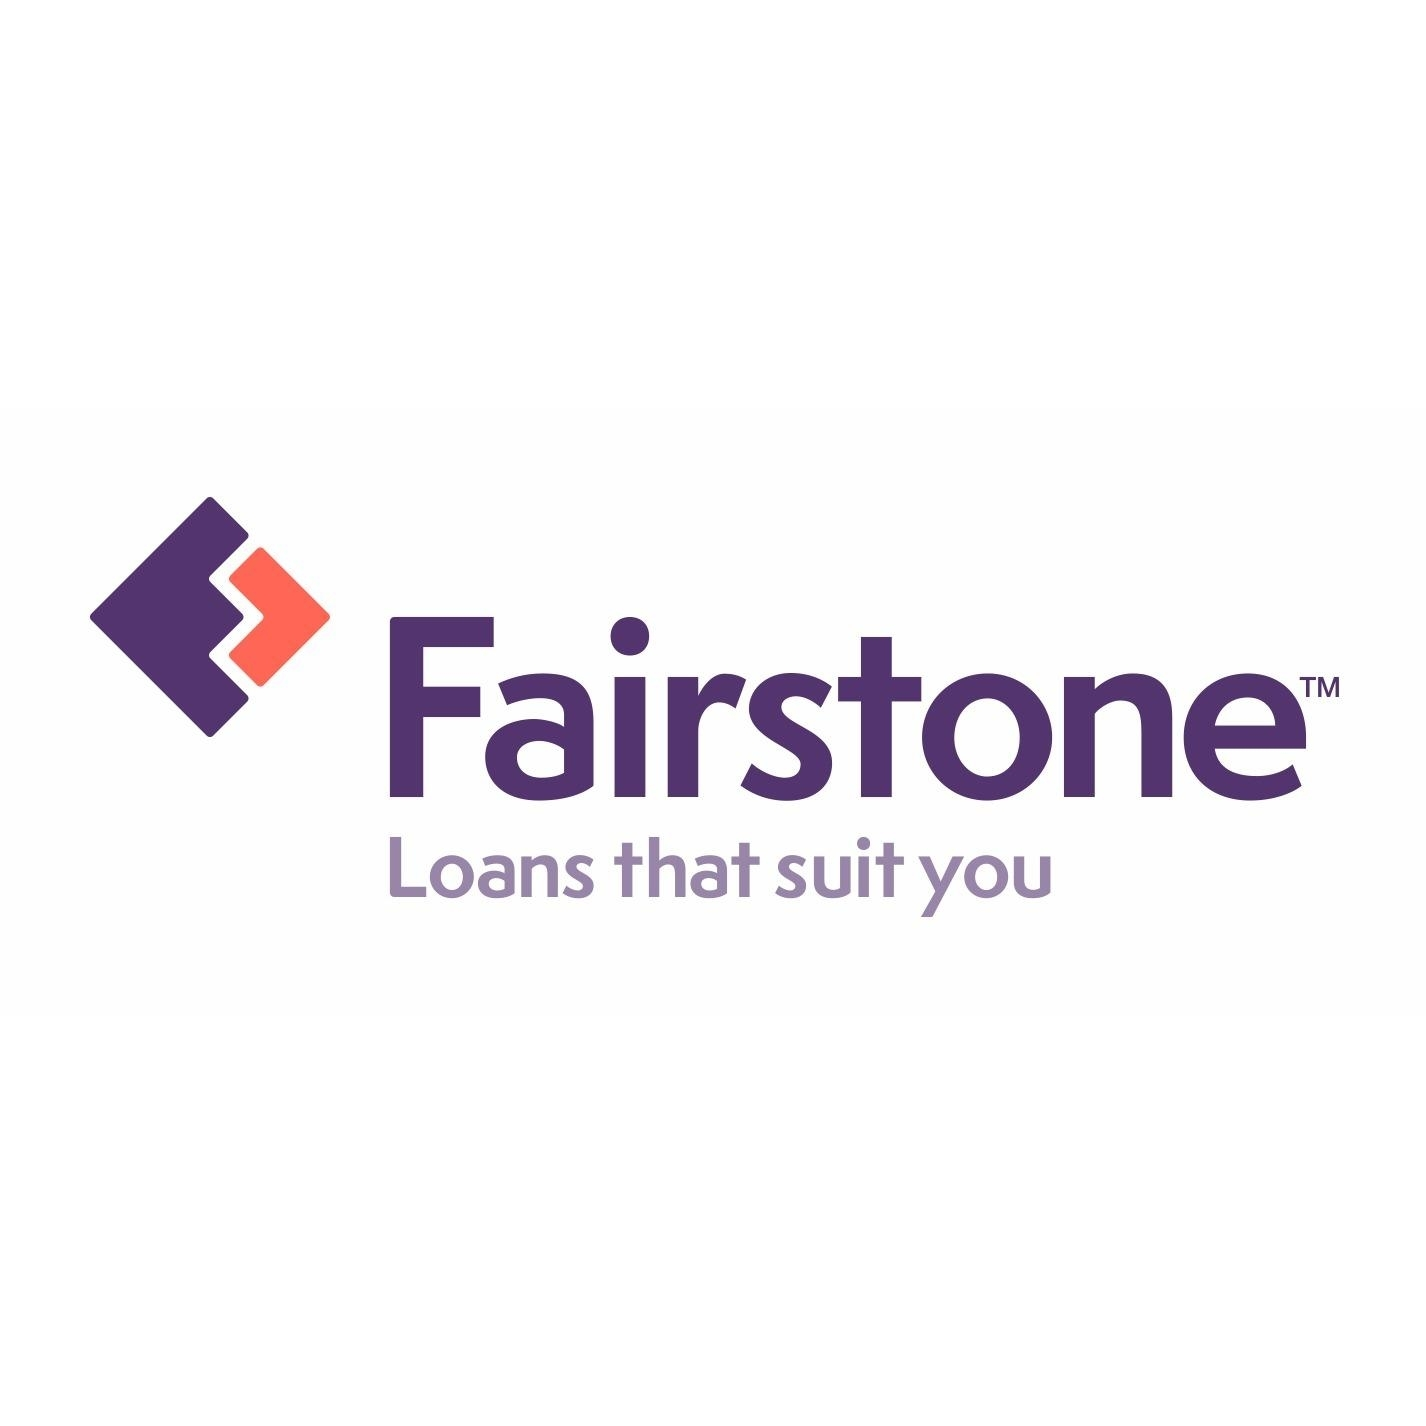 Fairstone - Loans